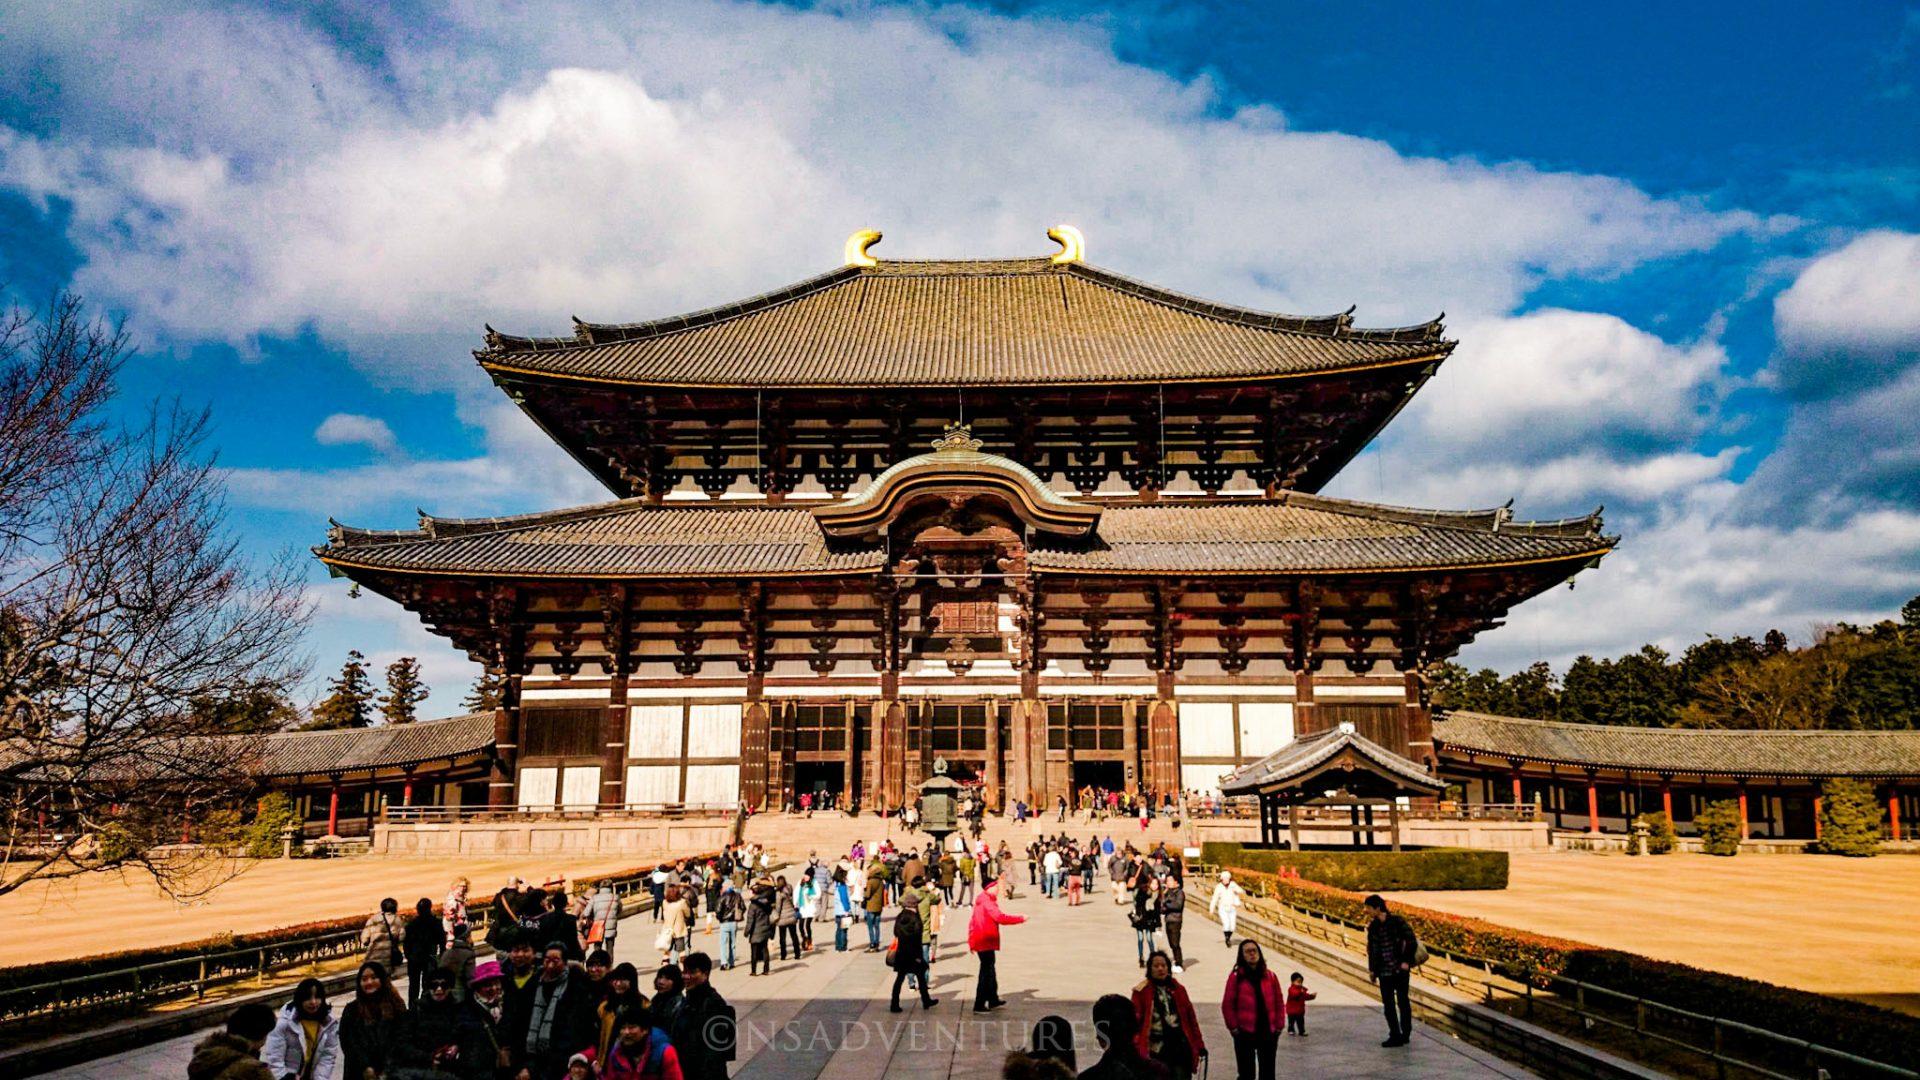 Cosa vedere a Nara: Tempio Todaiji